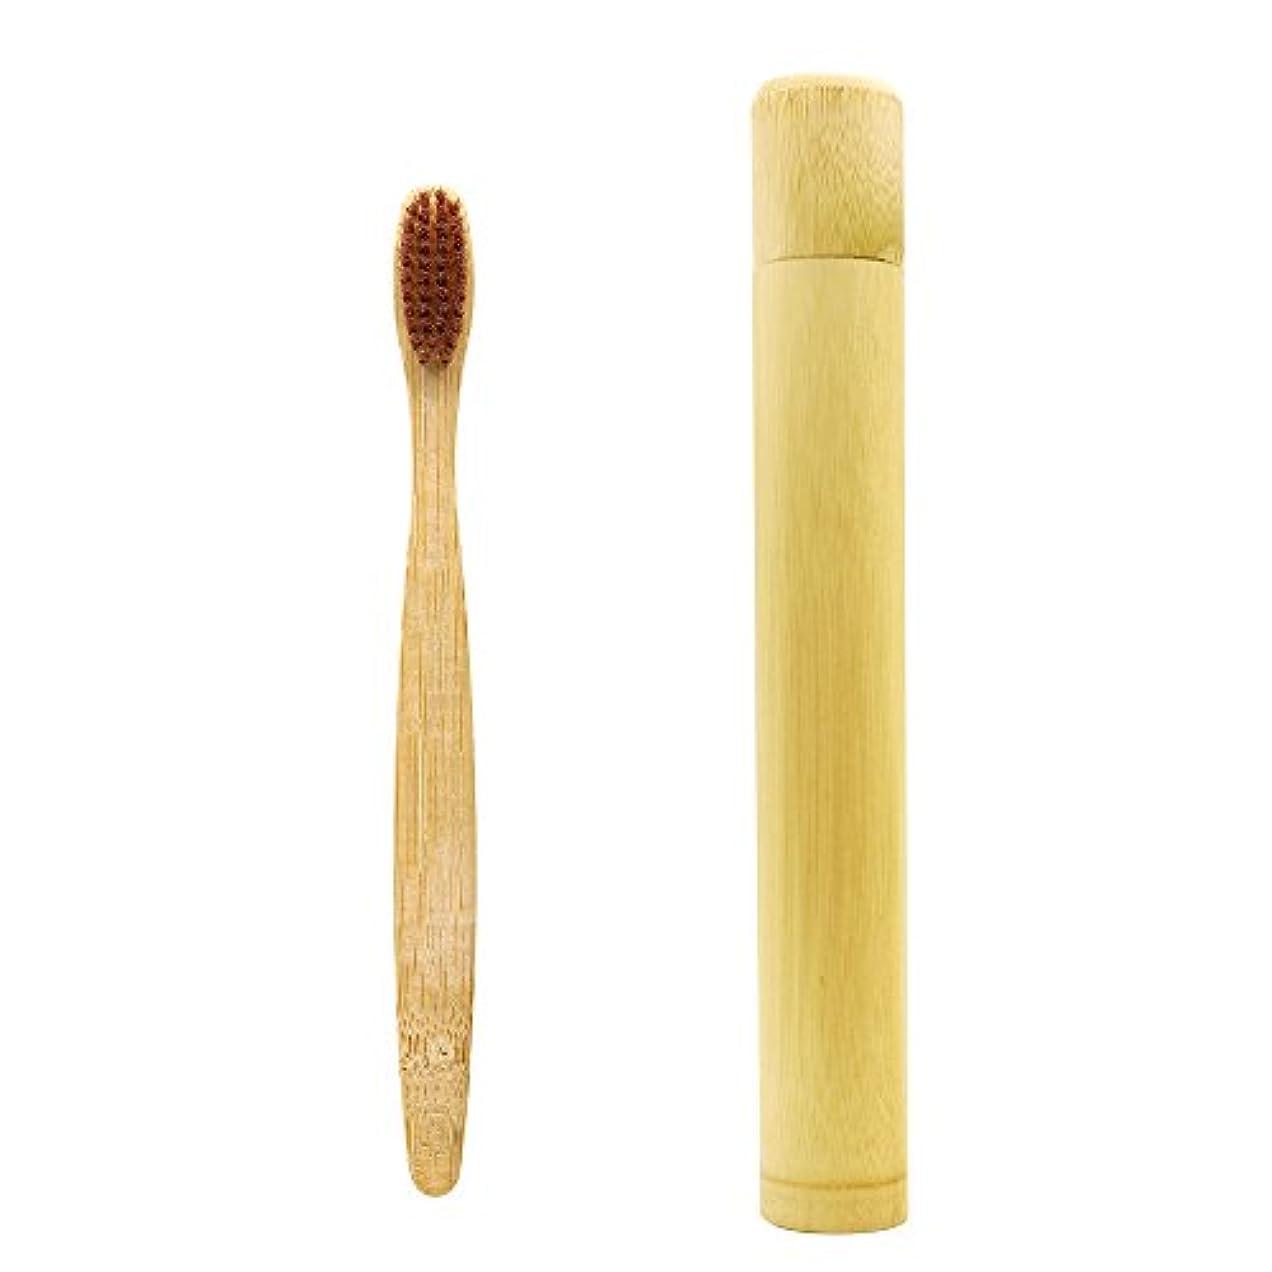 出費自宅でホテルN-amboo 歯ブラシ ケース付き 竹製 耐久性 出張旅行 携帯便利 エコ